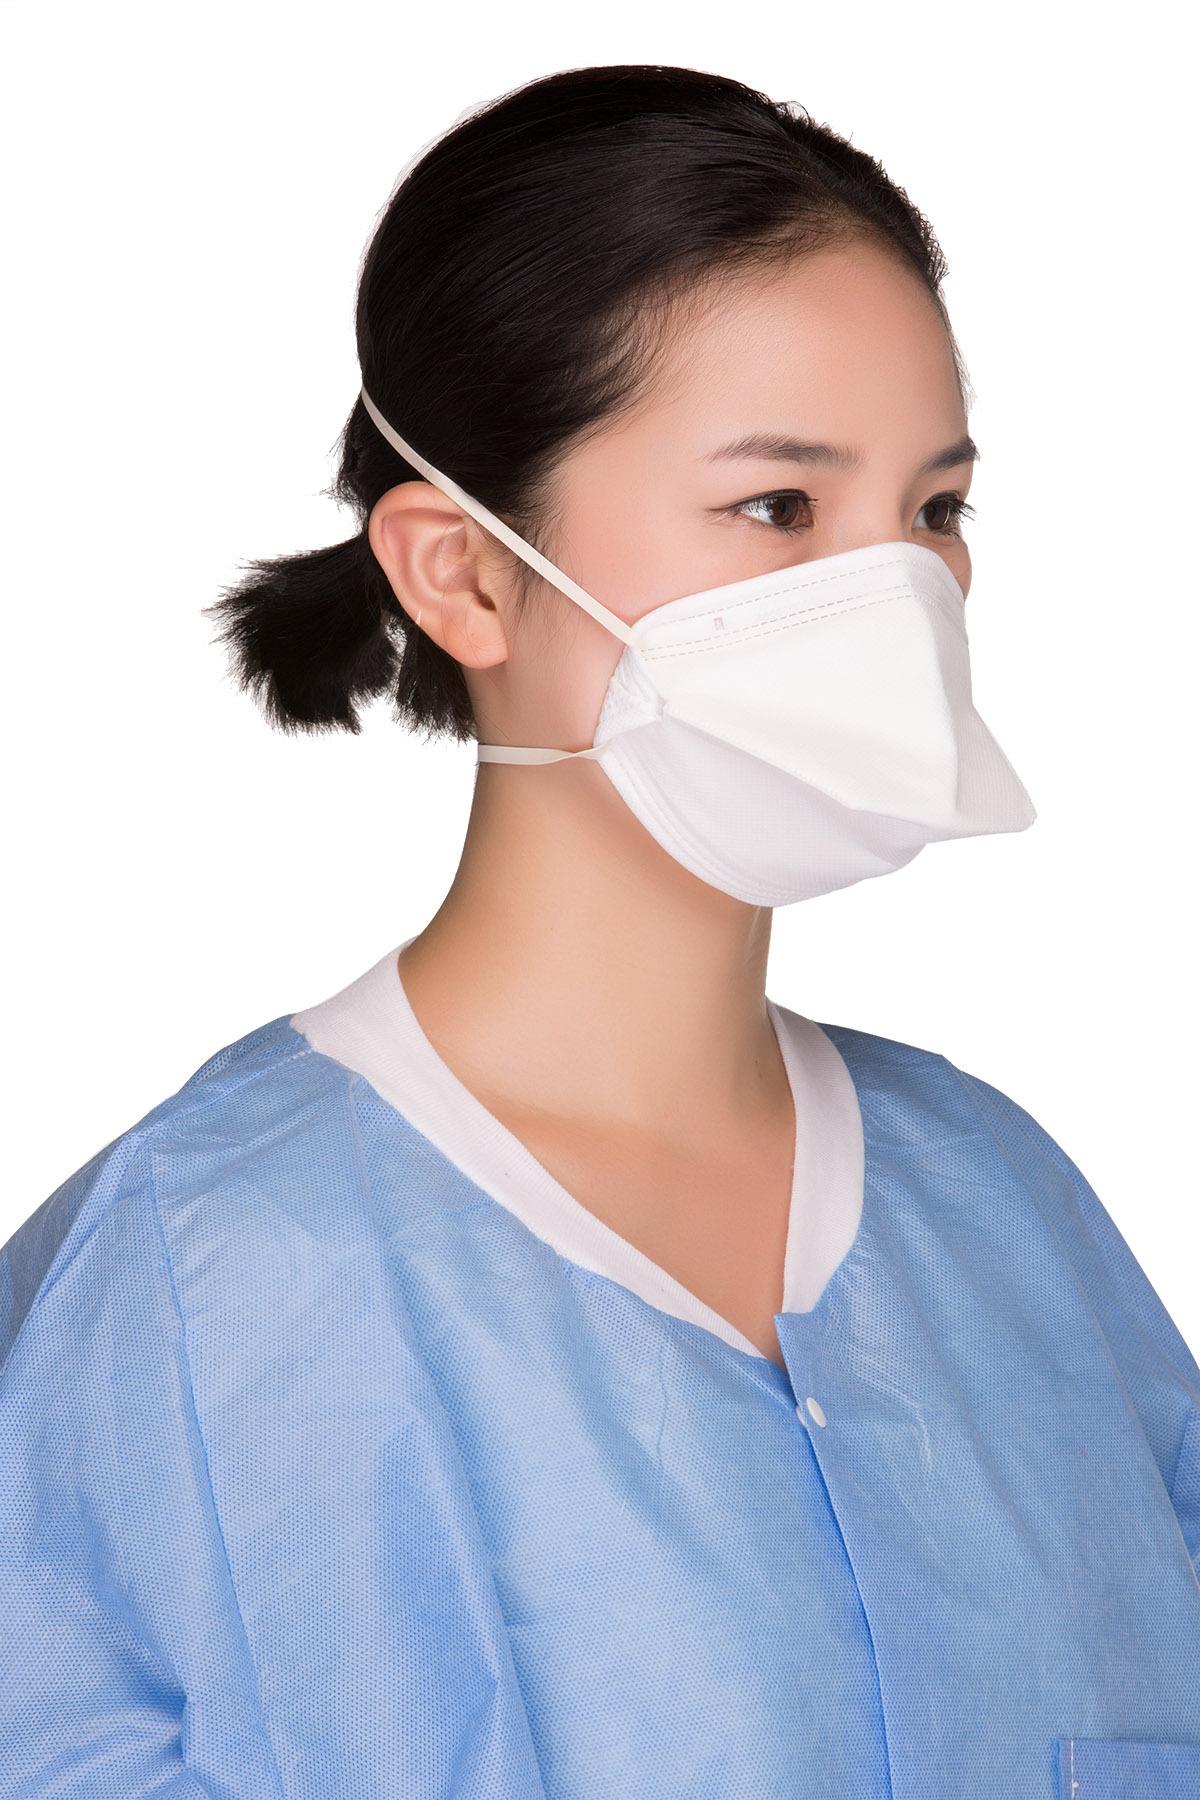 生产厂家 无纺布口罩 一次性口罩 防尘口罩 工业防尘口罩